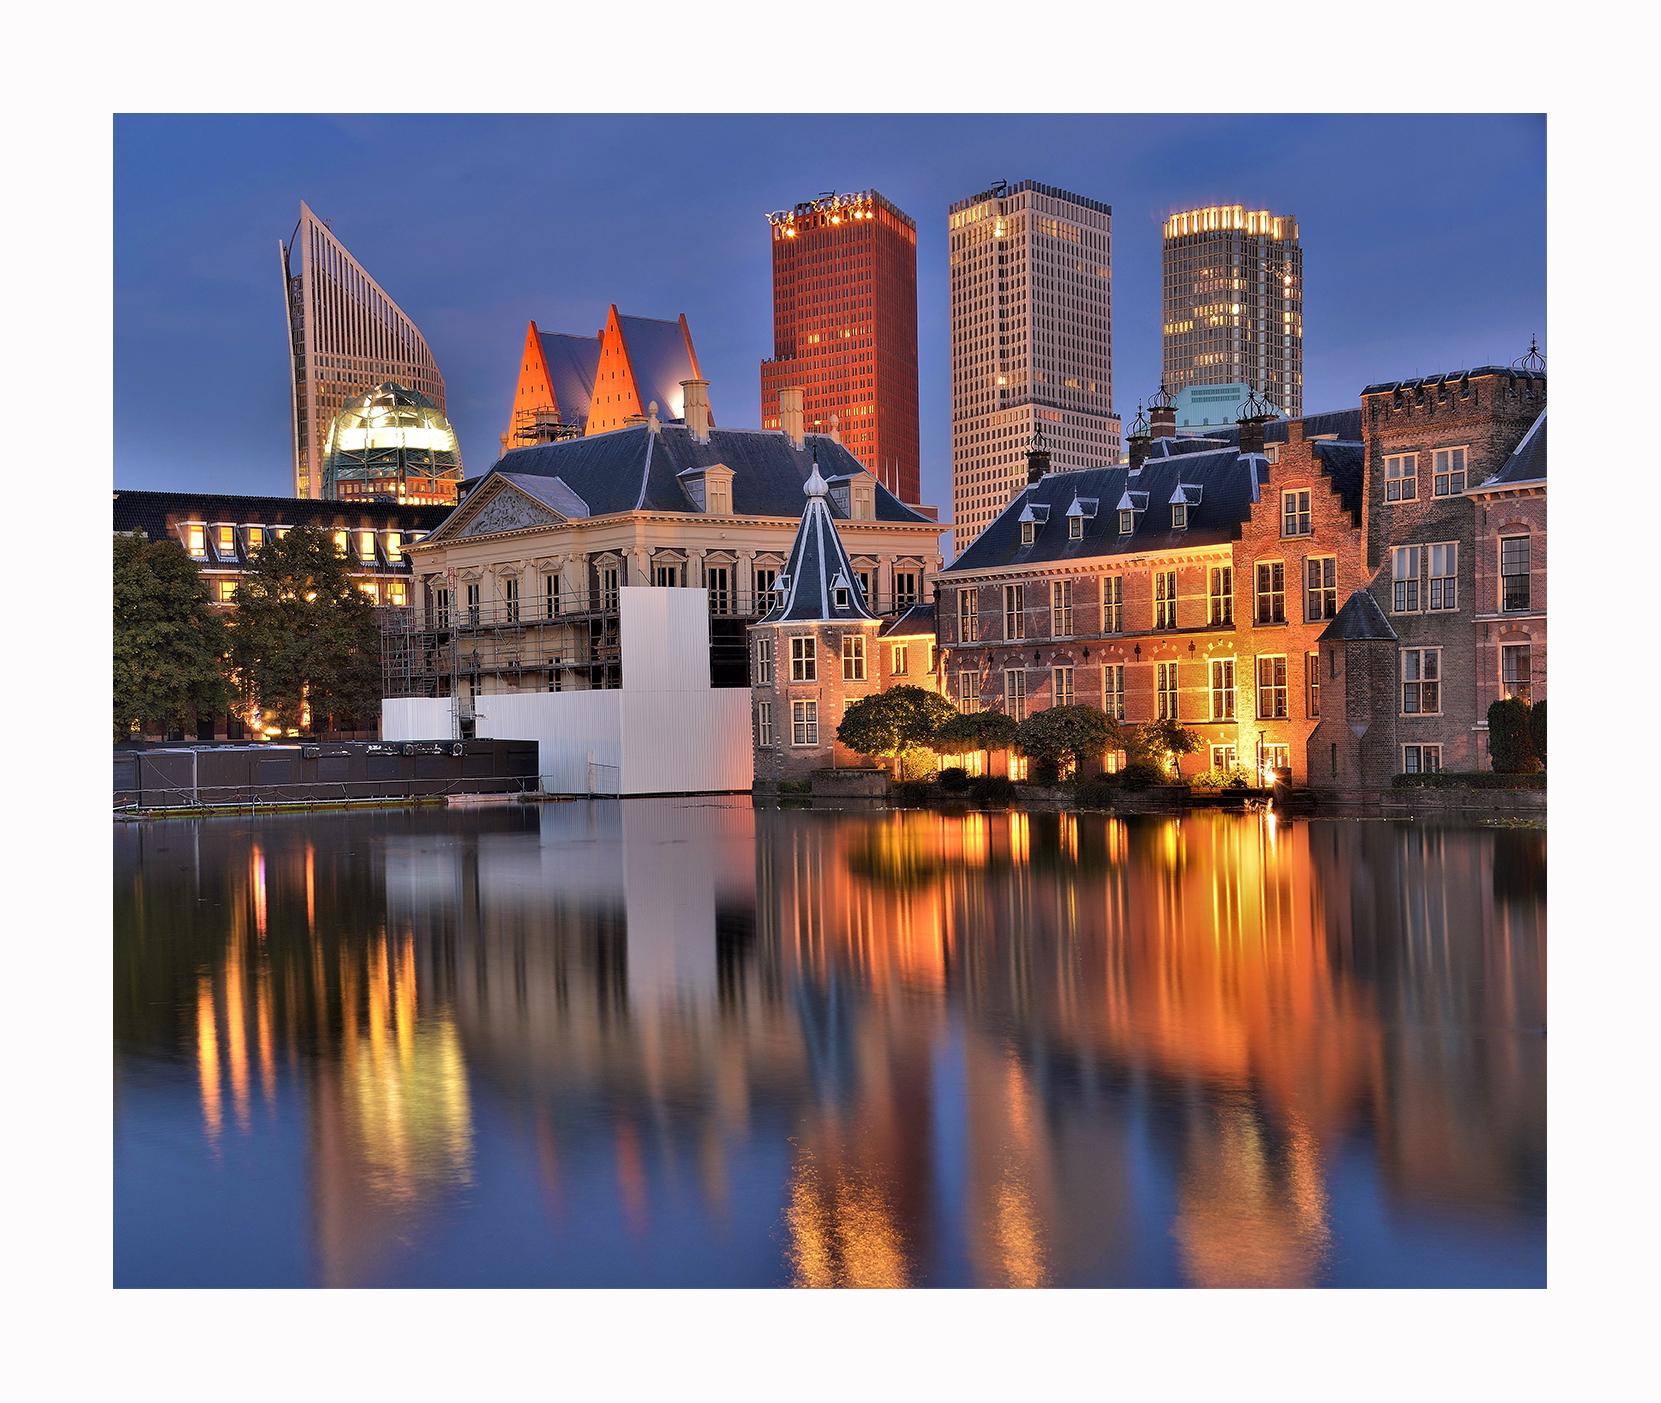 Hofvijver The Hague, Netherlands